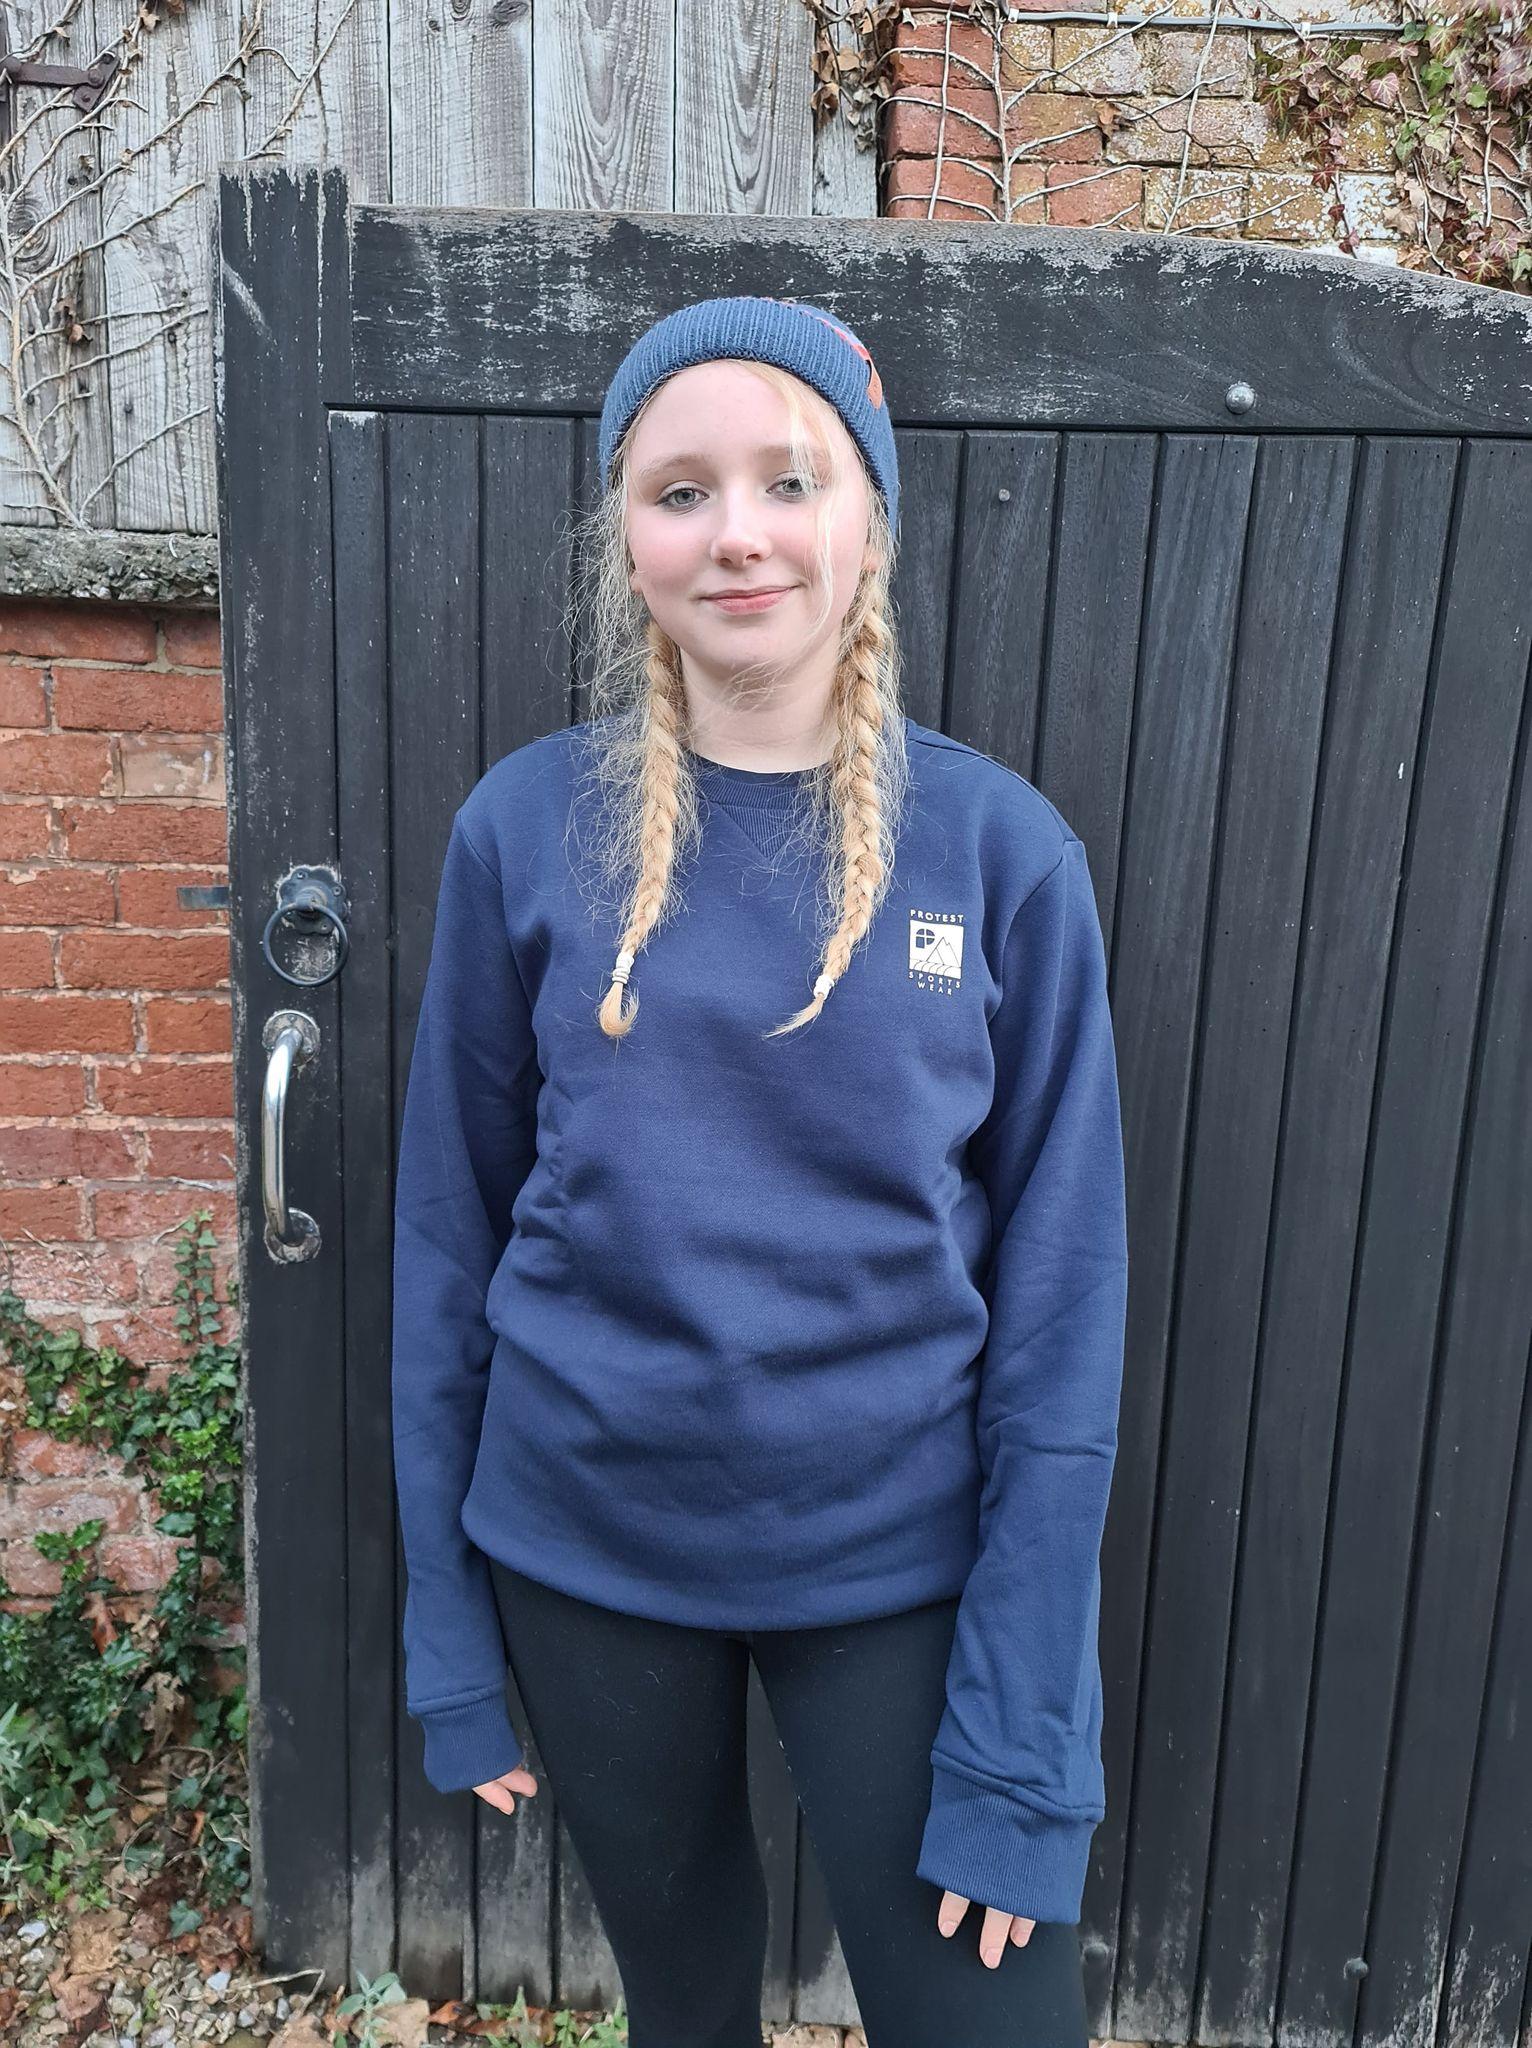 Lissy wearing Protest sportswear